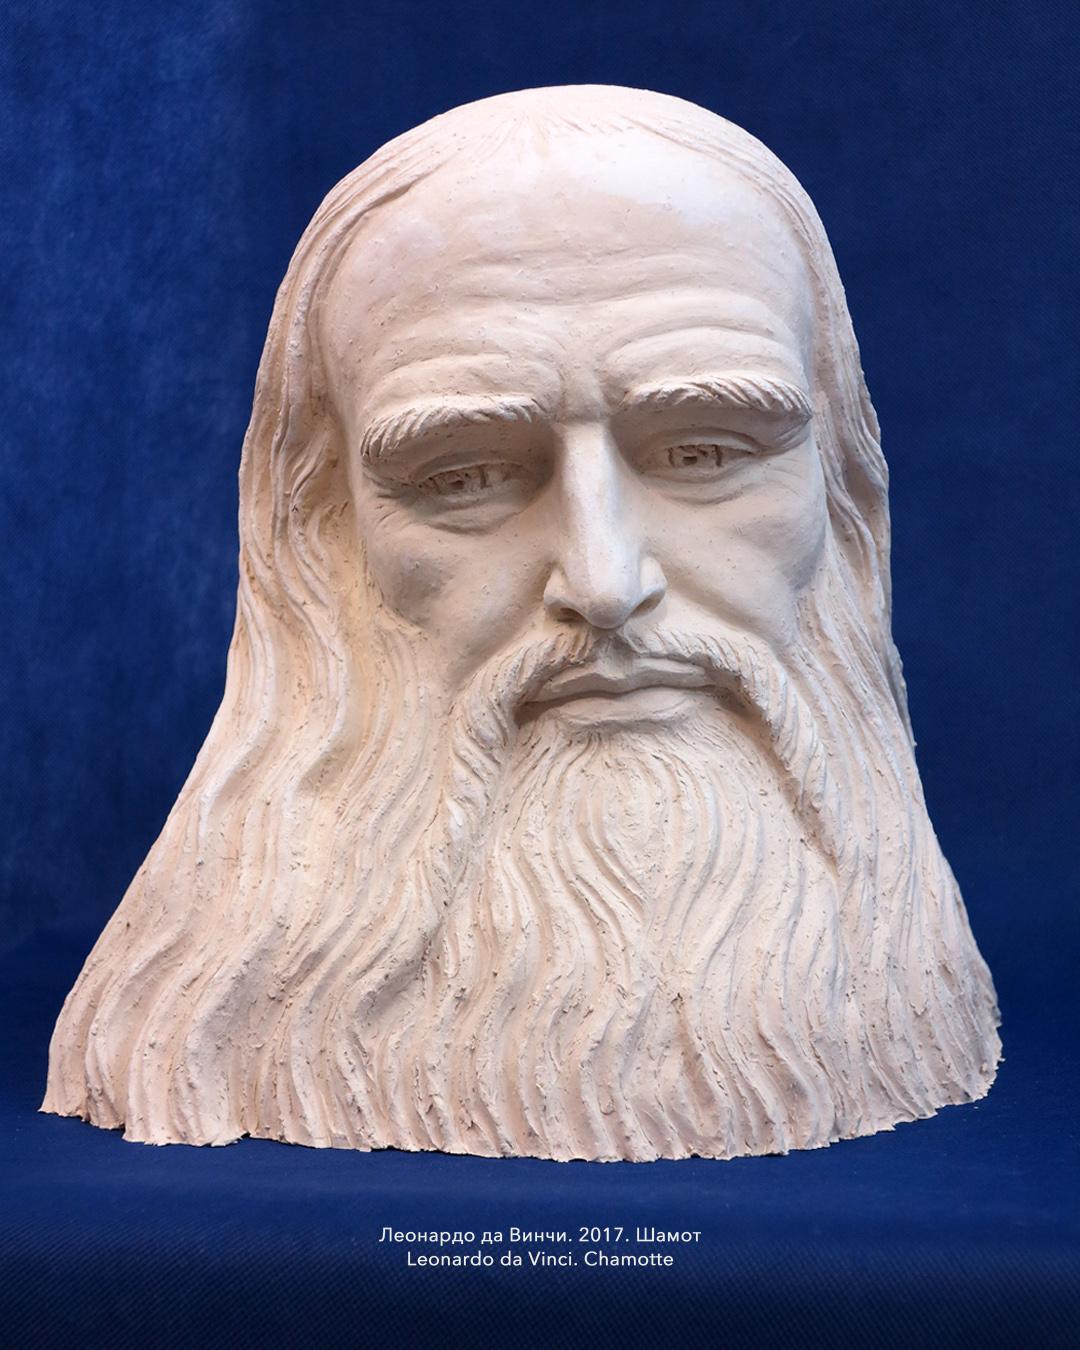 Leonardo da Vinci. 2017. - leonardo da vinchi